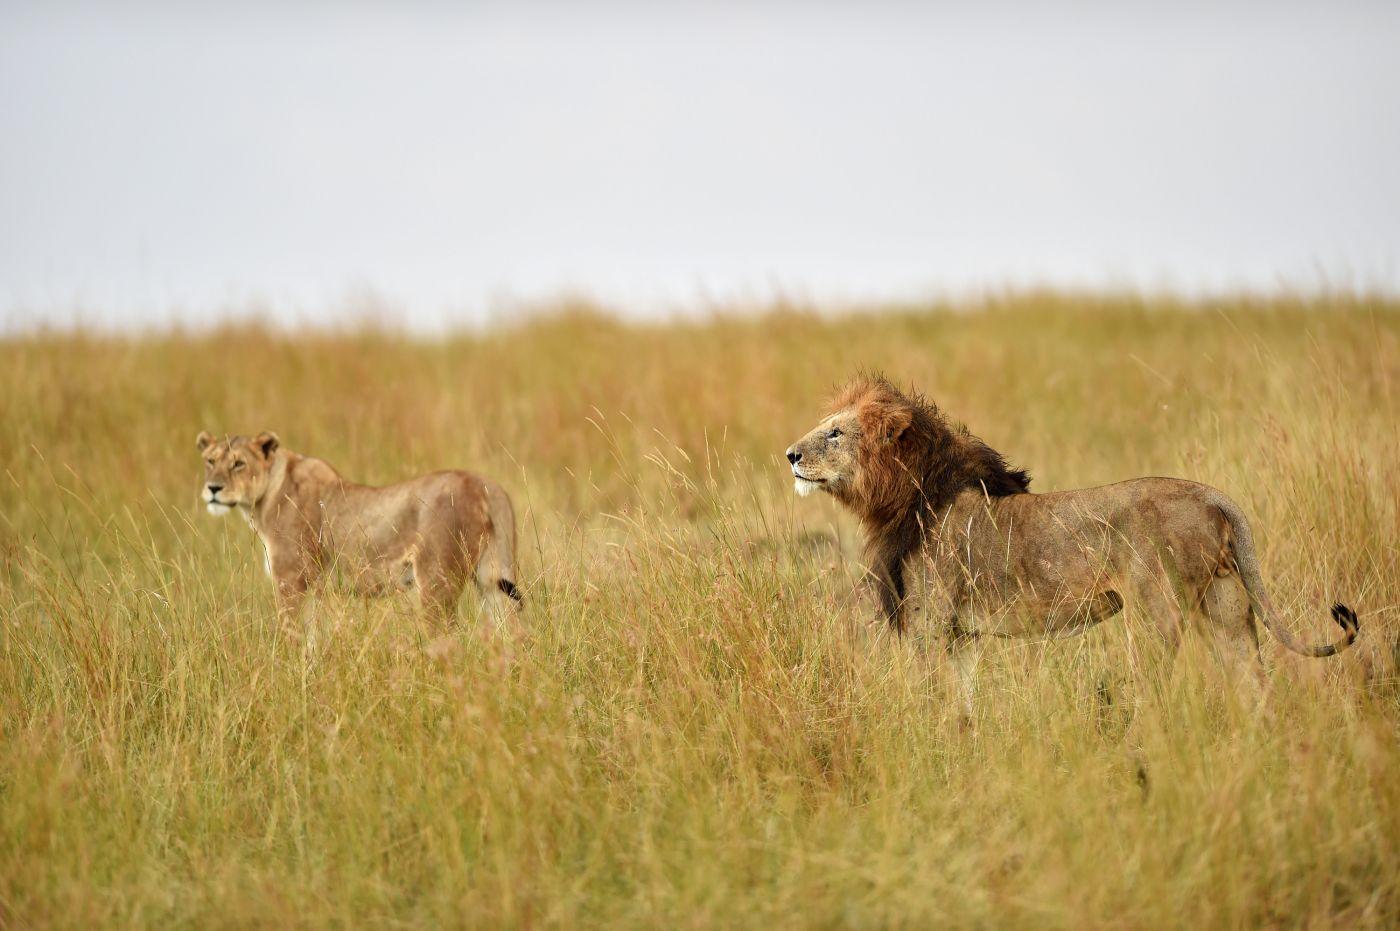 野生动物天堂:肯尼亚马赛马拉国家保护区(图)